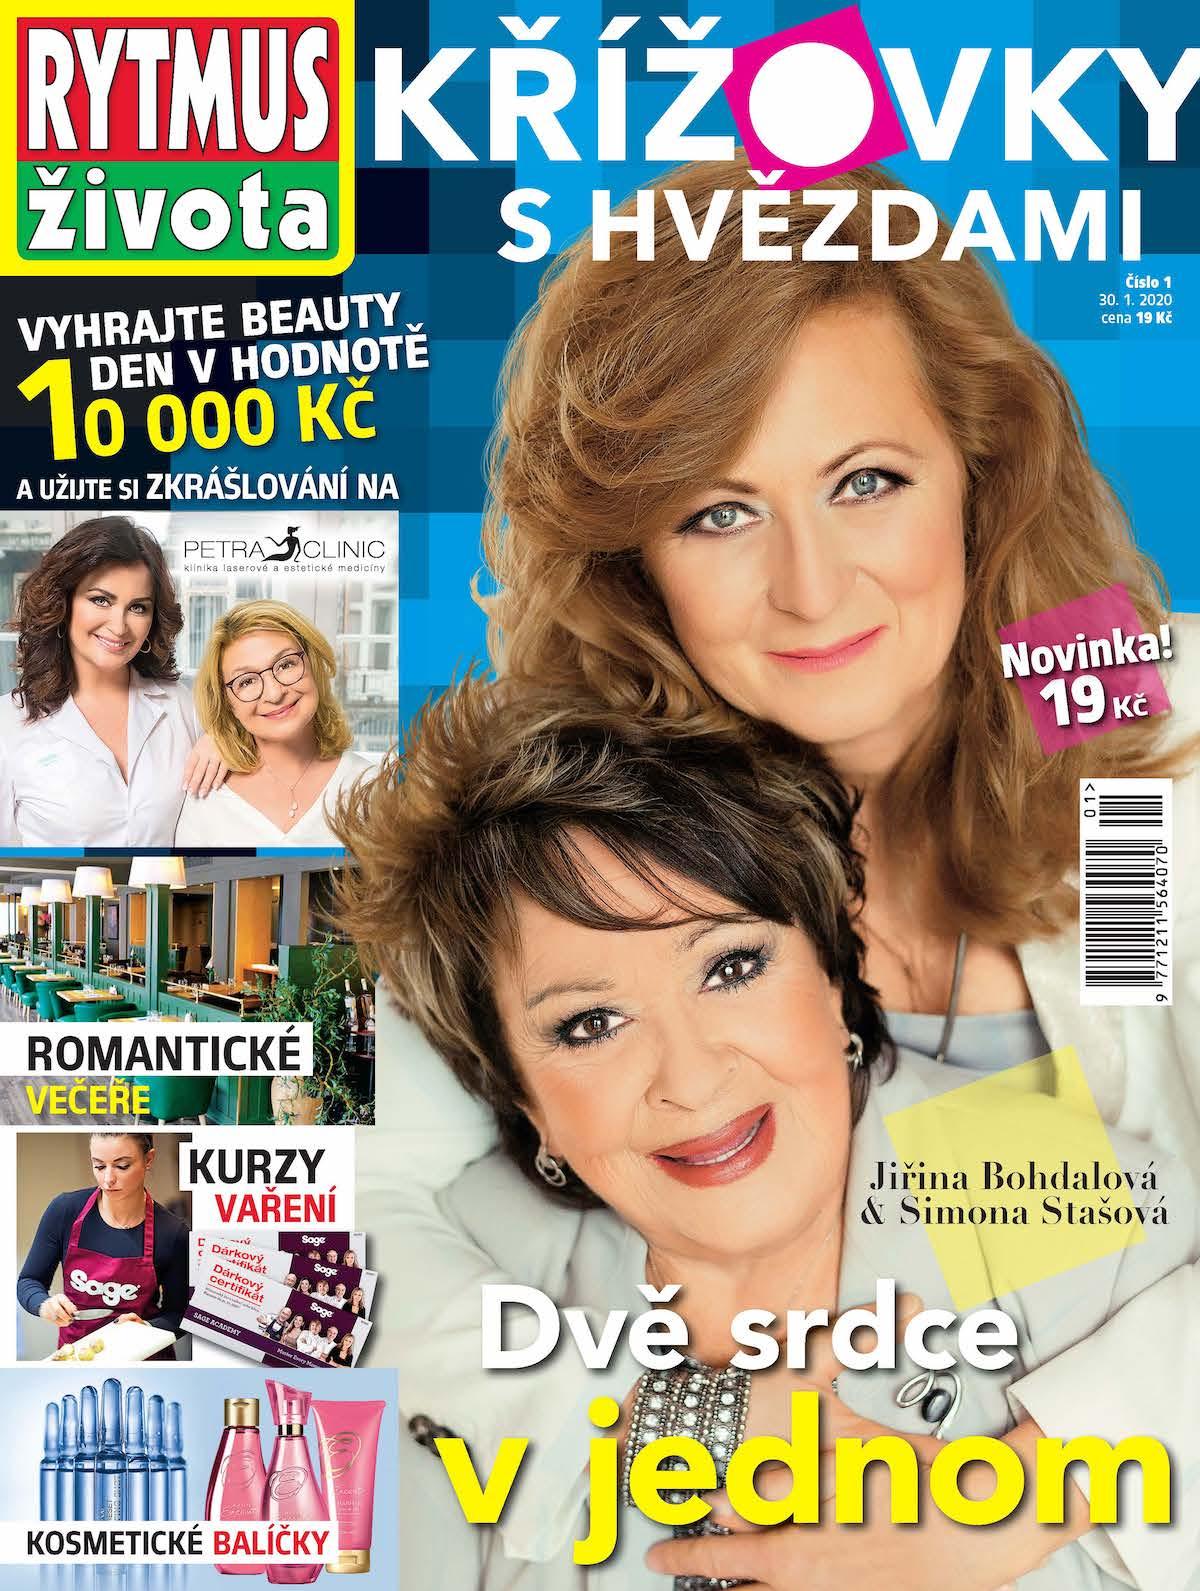 Titulní strana časopisu Rytmus života křížovky shvězdami